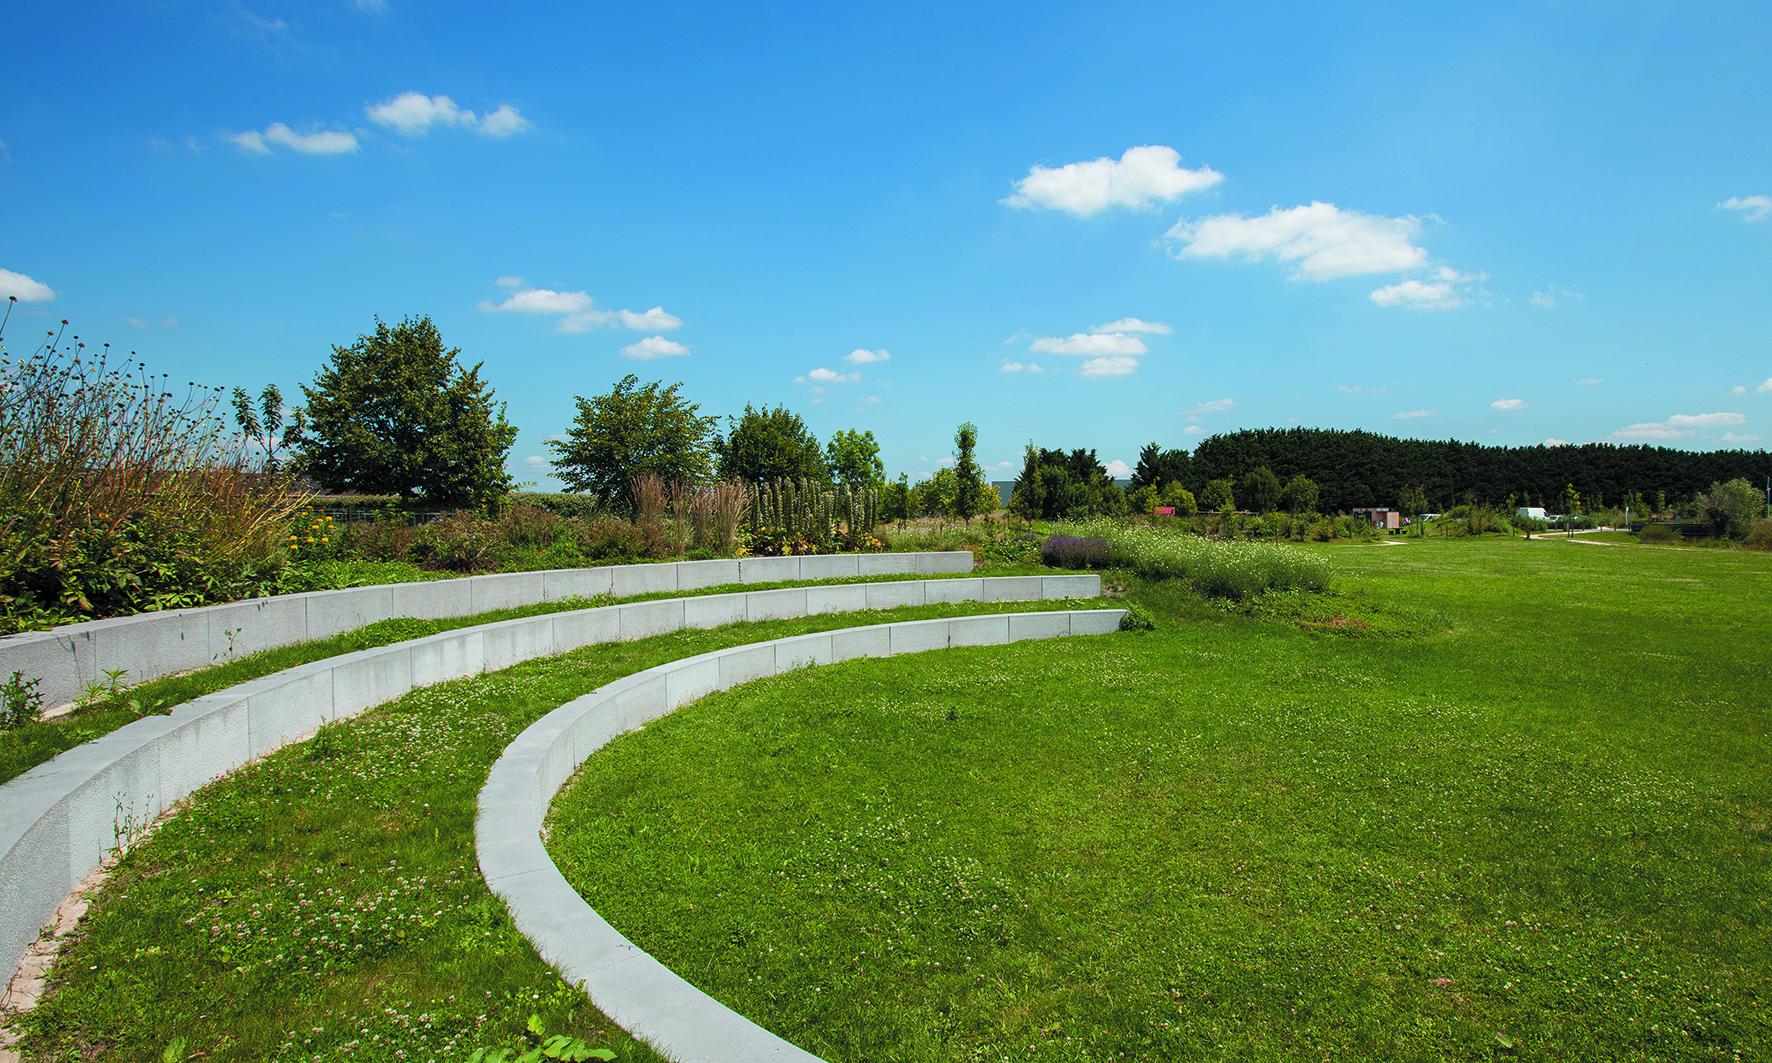 jardin la coul 233 e verte dou 233 la fontaine 19 juin printemps de l architecture